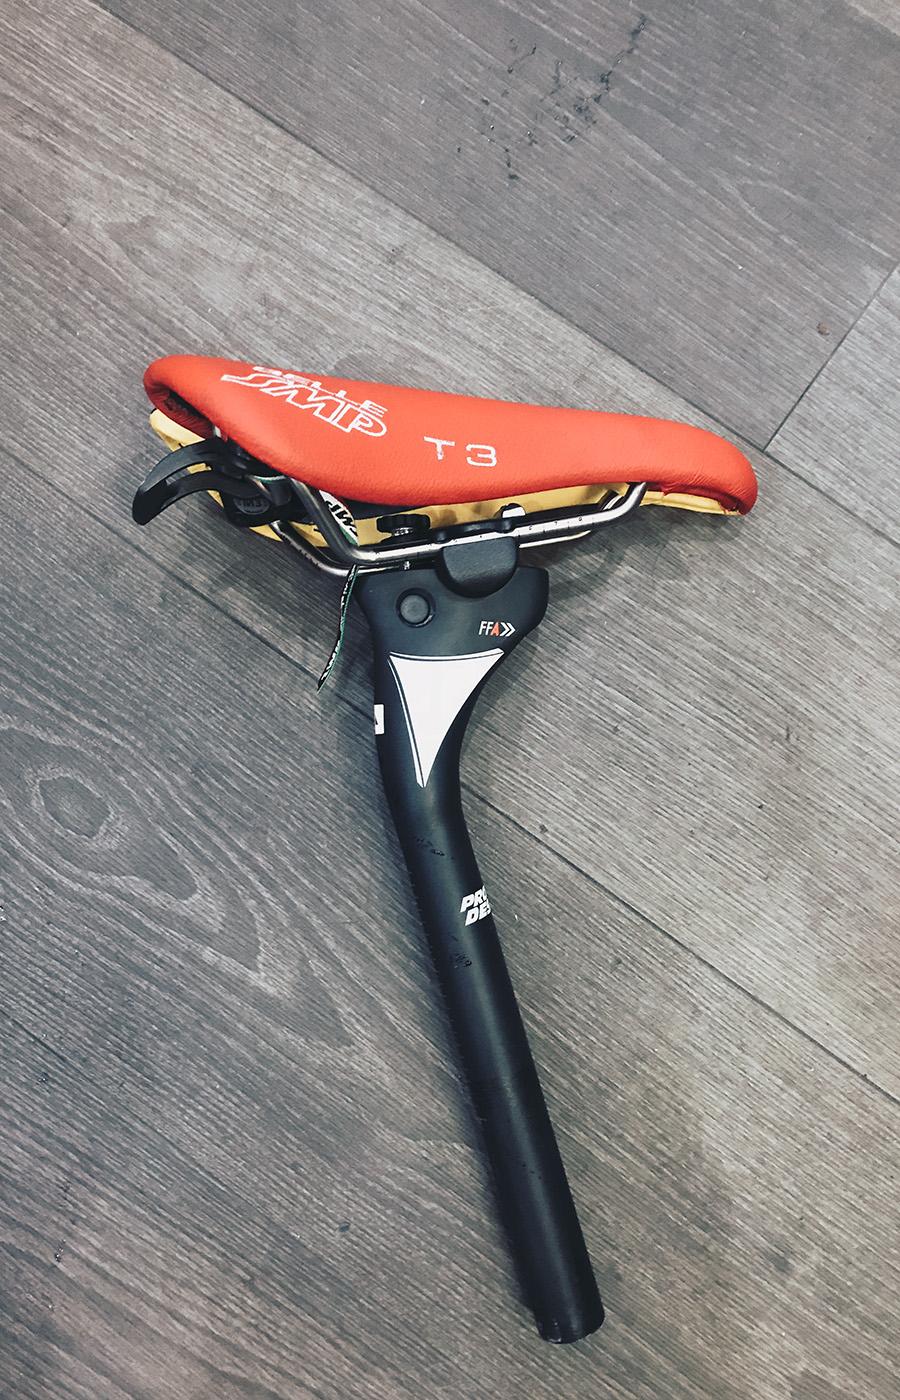 Die Profile Design Sattelstütze mit einem Testsattel. Gut zu sehen: Der Winkel von 78 Grad für die Aeroposition.